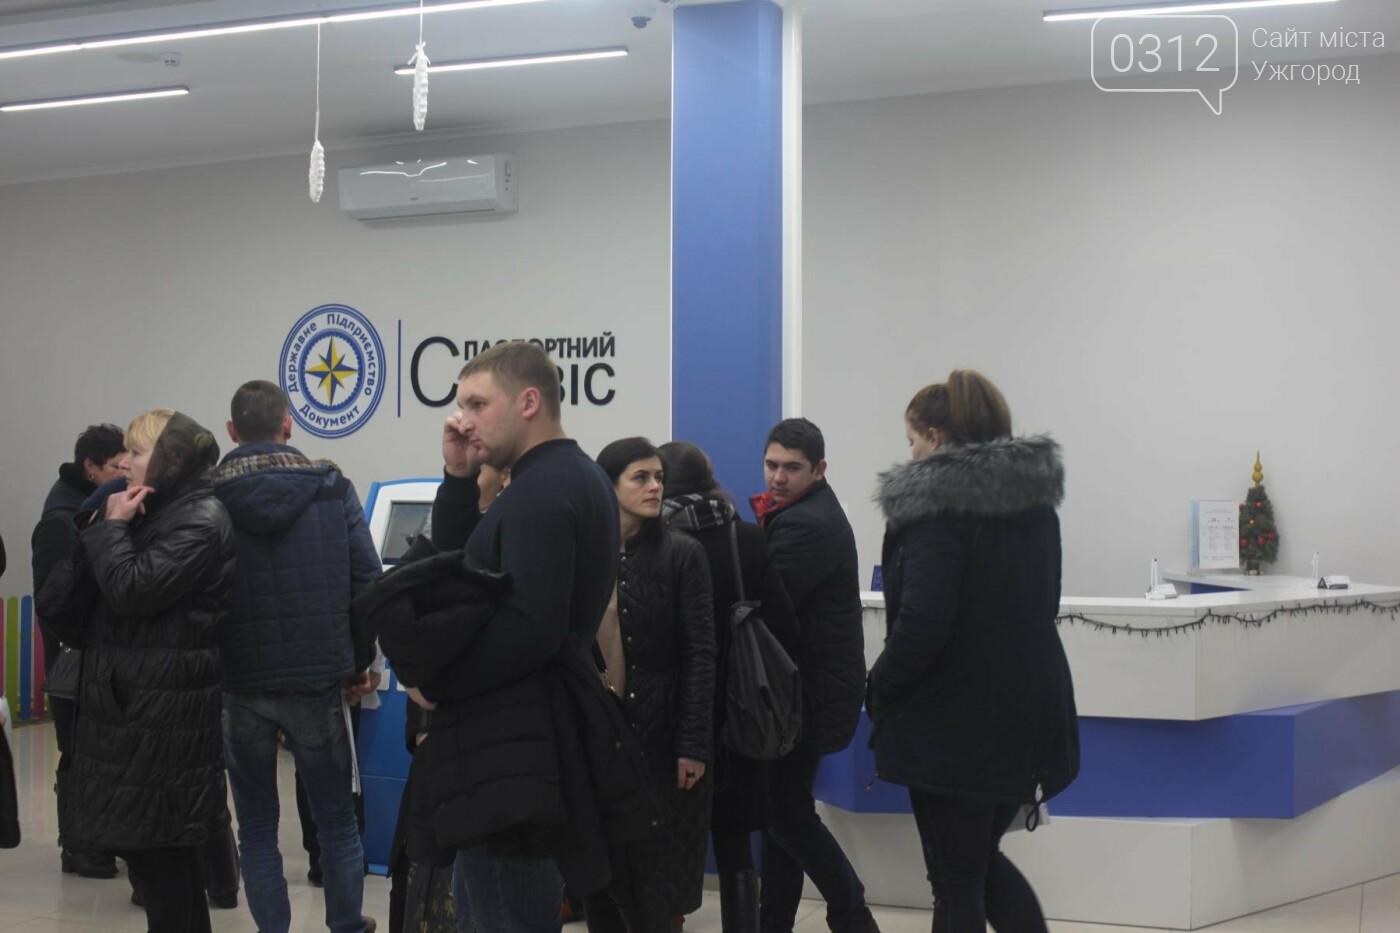 """В Ужгороді """"терміновий"""" закордонний паспорт досі виготовляють за 1,5-2 місяці, звичайний - за 3-4 (РЕПОРТАЖ), фото-3"""